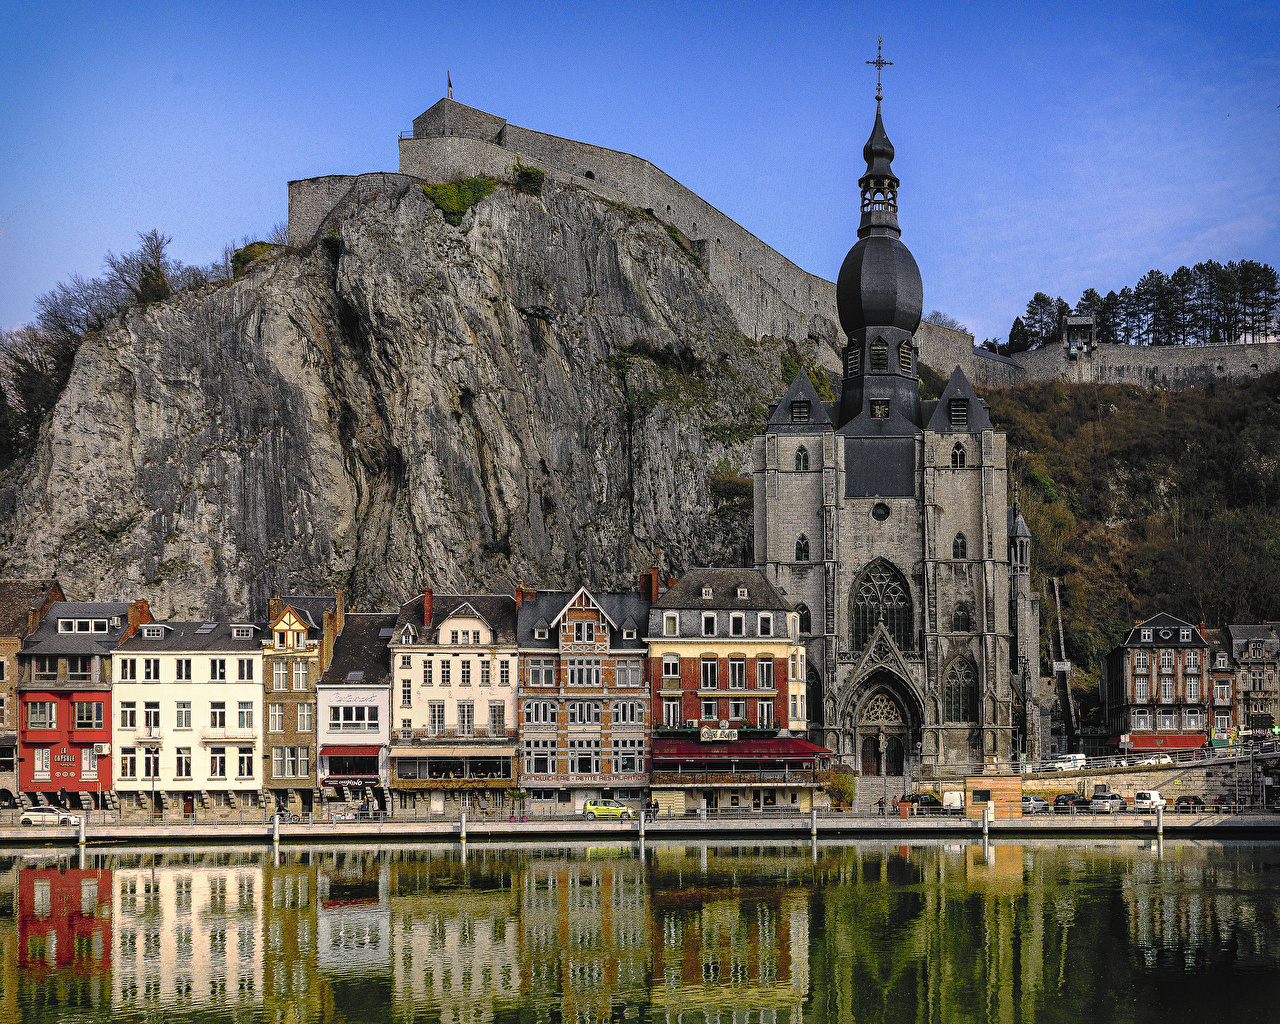 Обои для рабочего стола Церковь Бельгия Dinant Скала Храмы речка Дома Города Утес скалы скале река Реки город Здания